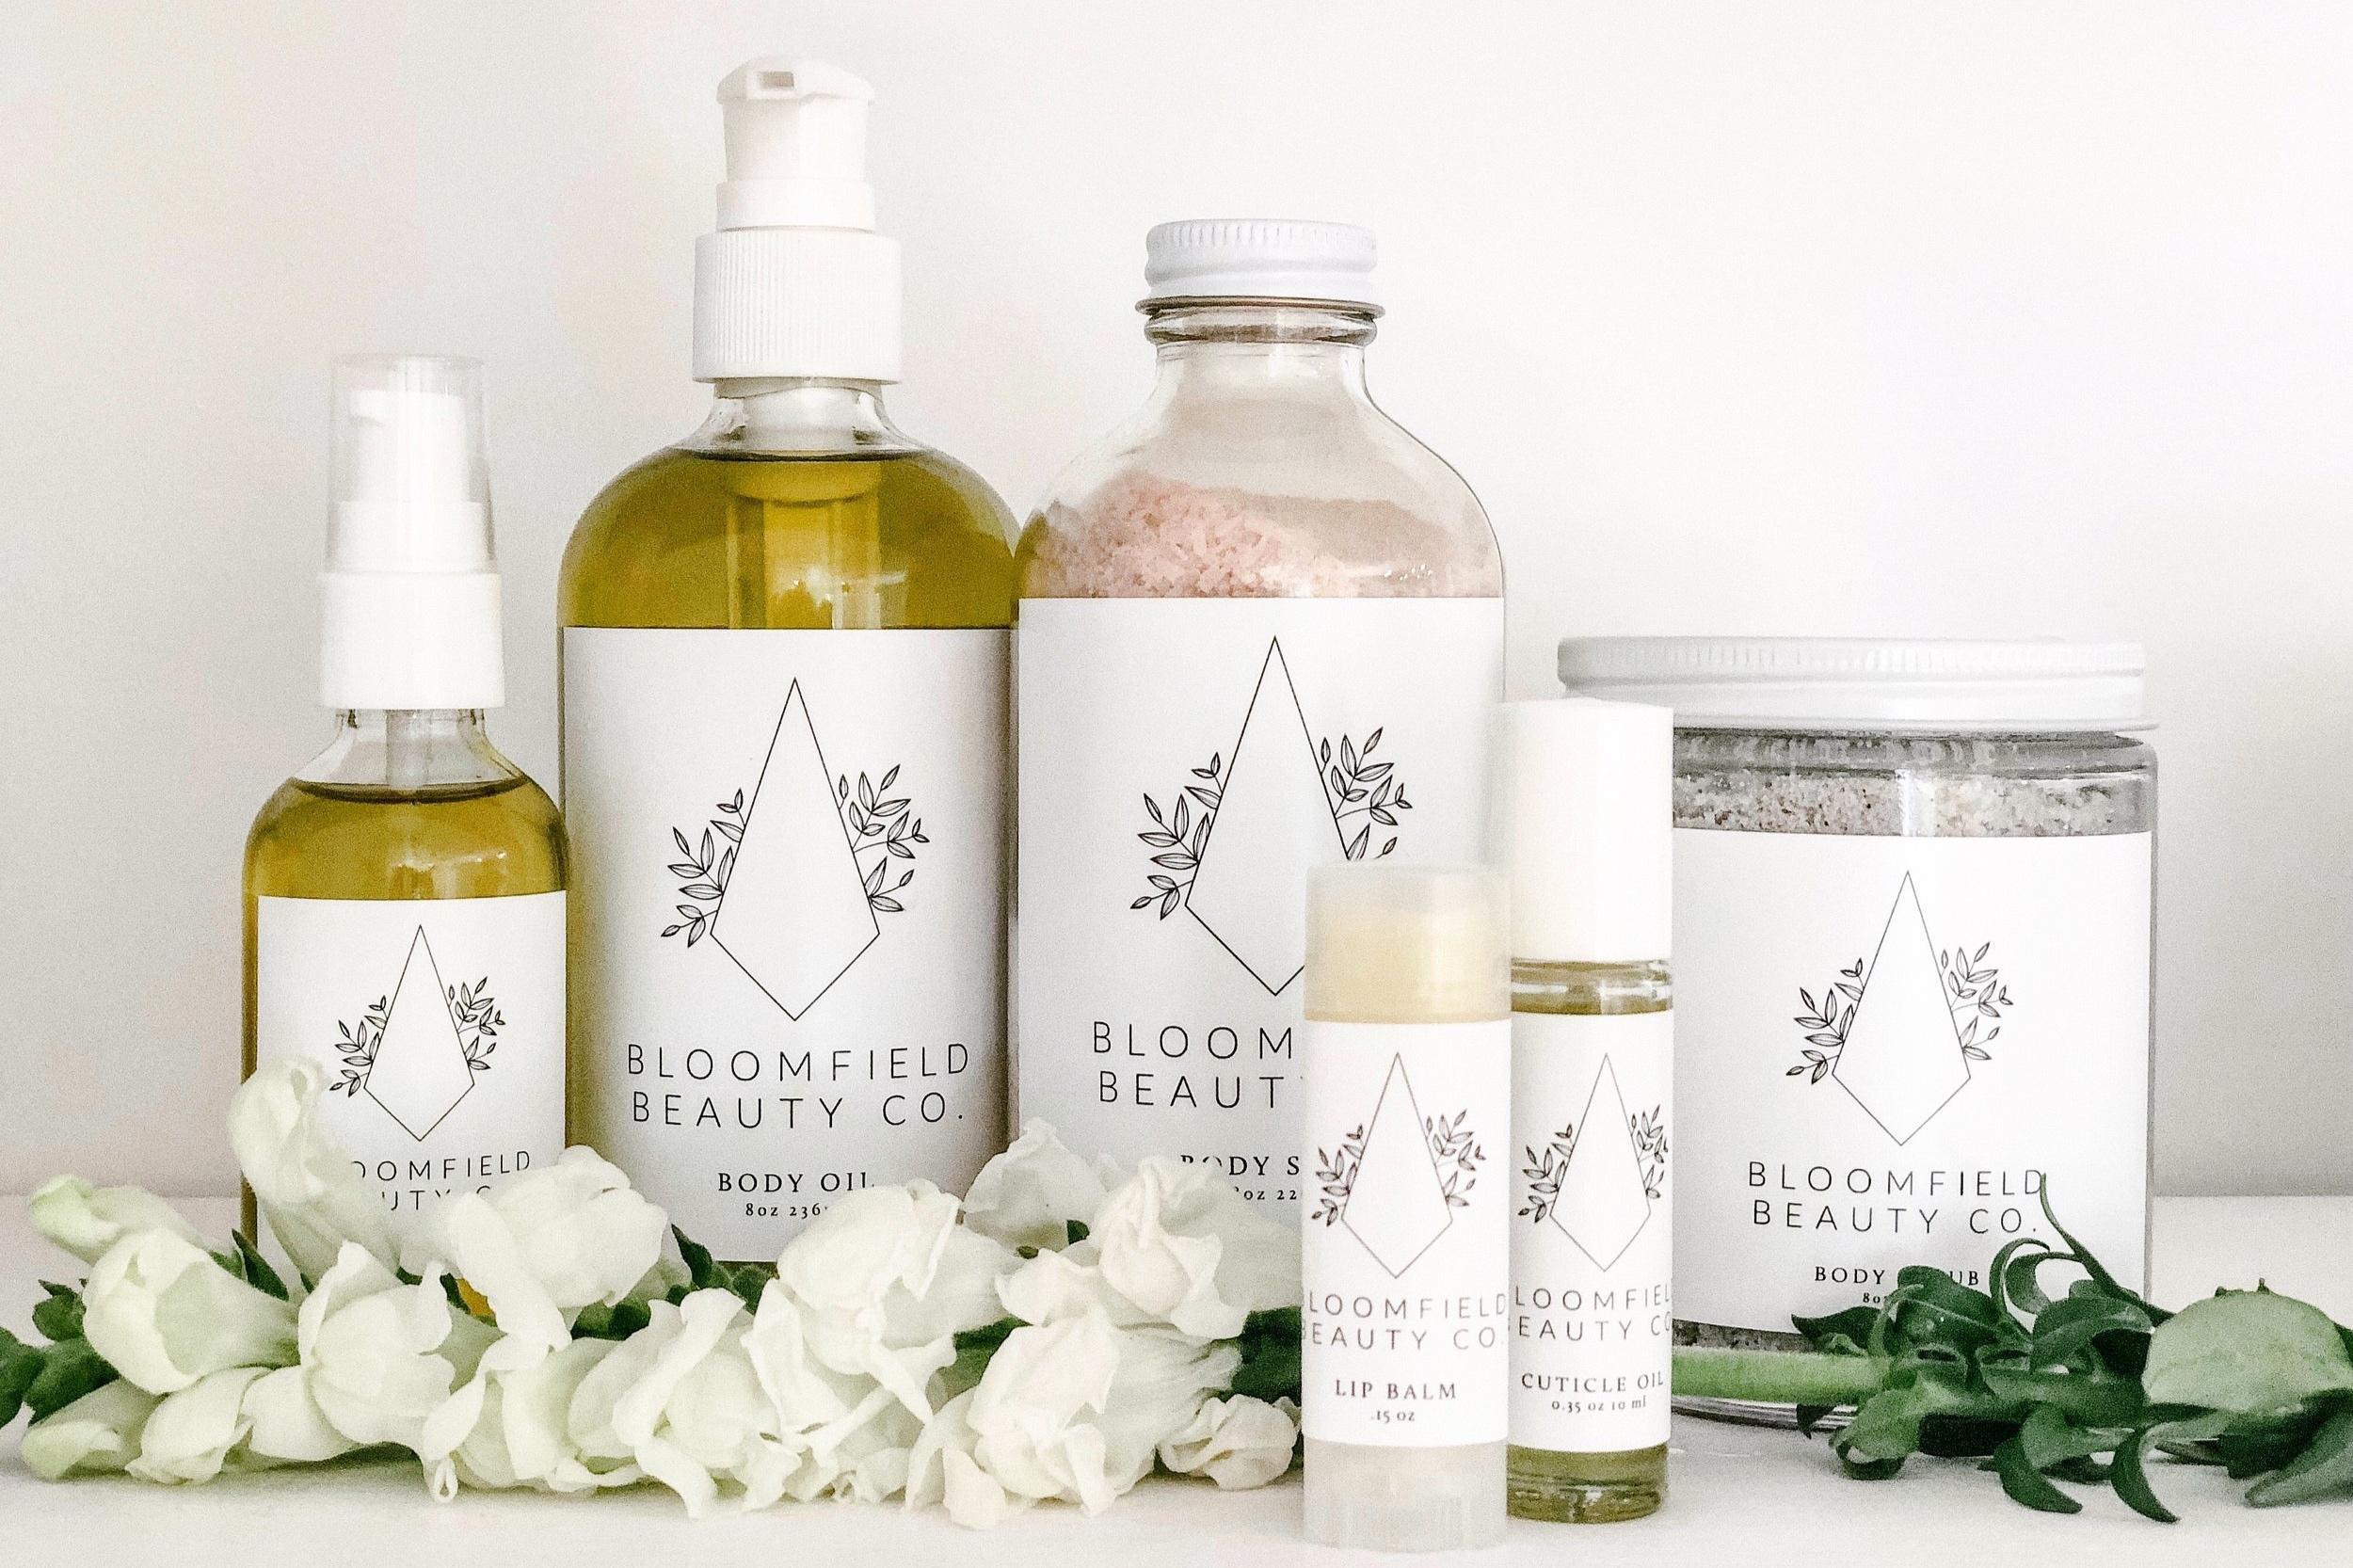 Bloomfield Beauty Co.